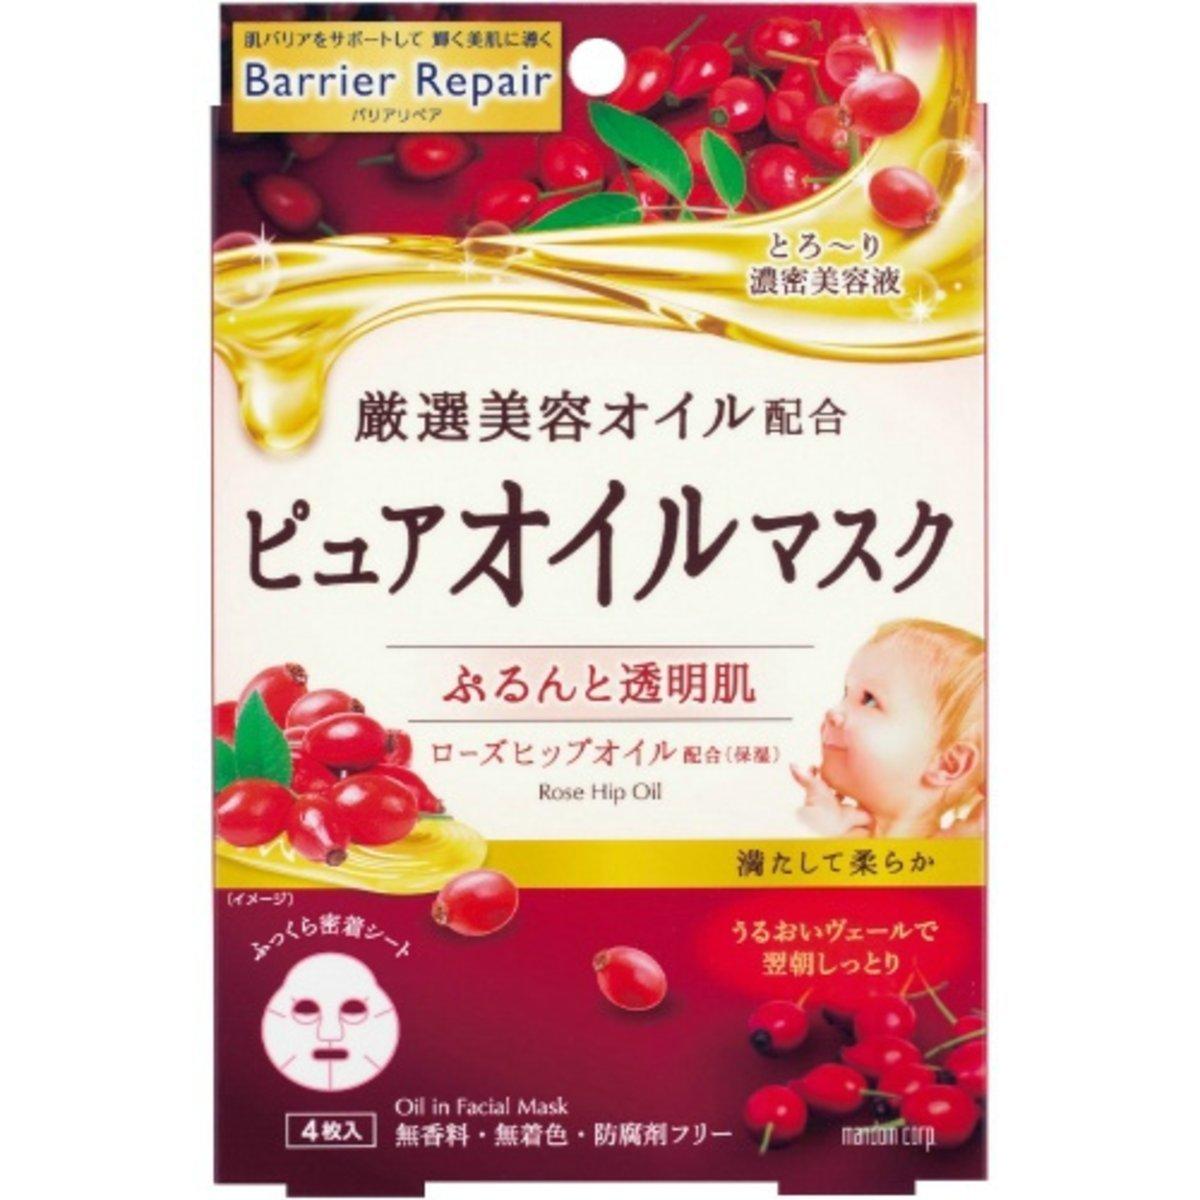 MANDOM - 曼丹 BARRIER REPAIR 玫瑰果油亮肌保濕面膜(紅色) 4片